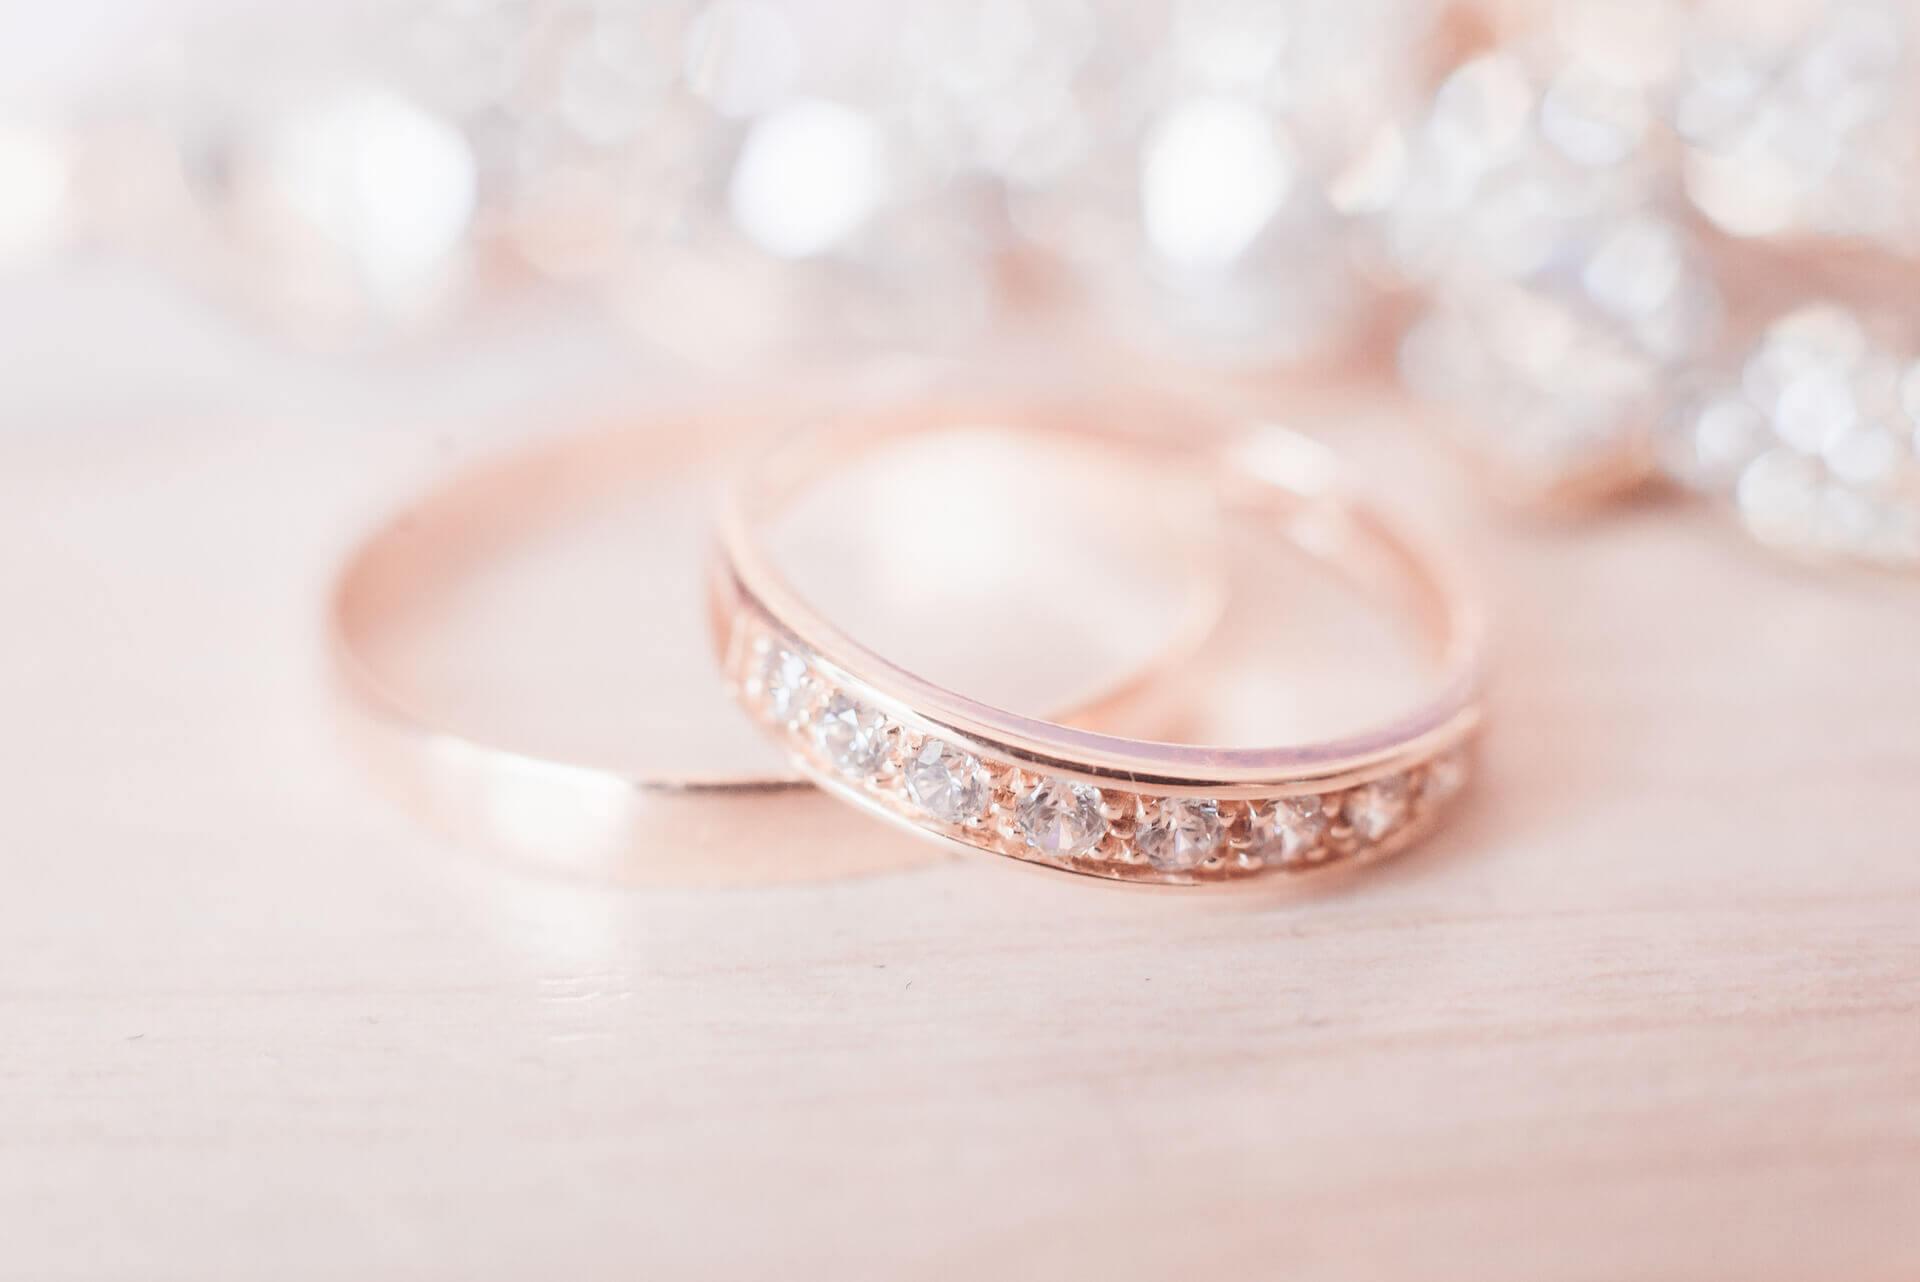 טבעת אירוסין בקנייה ישירה